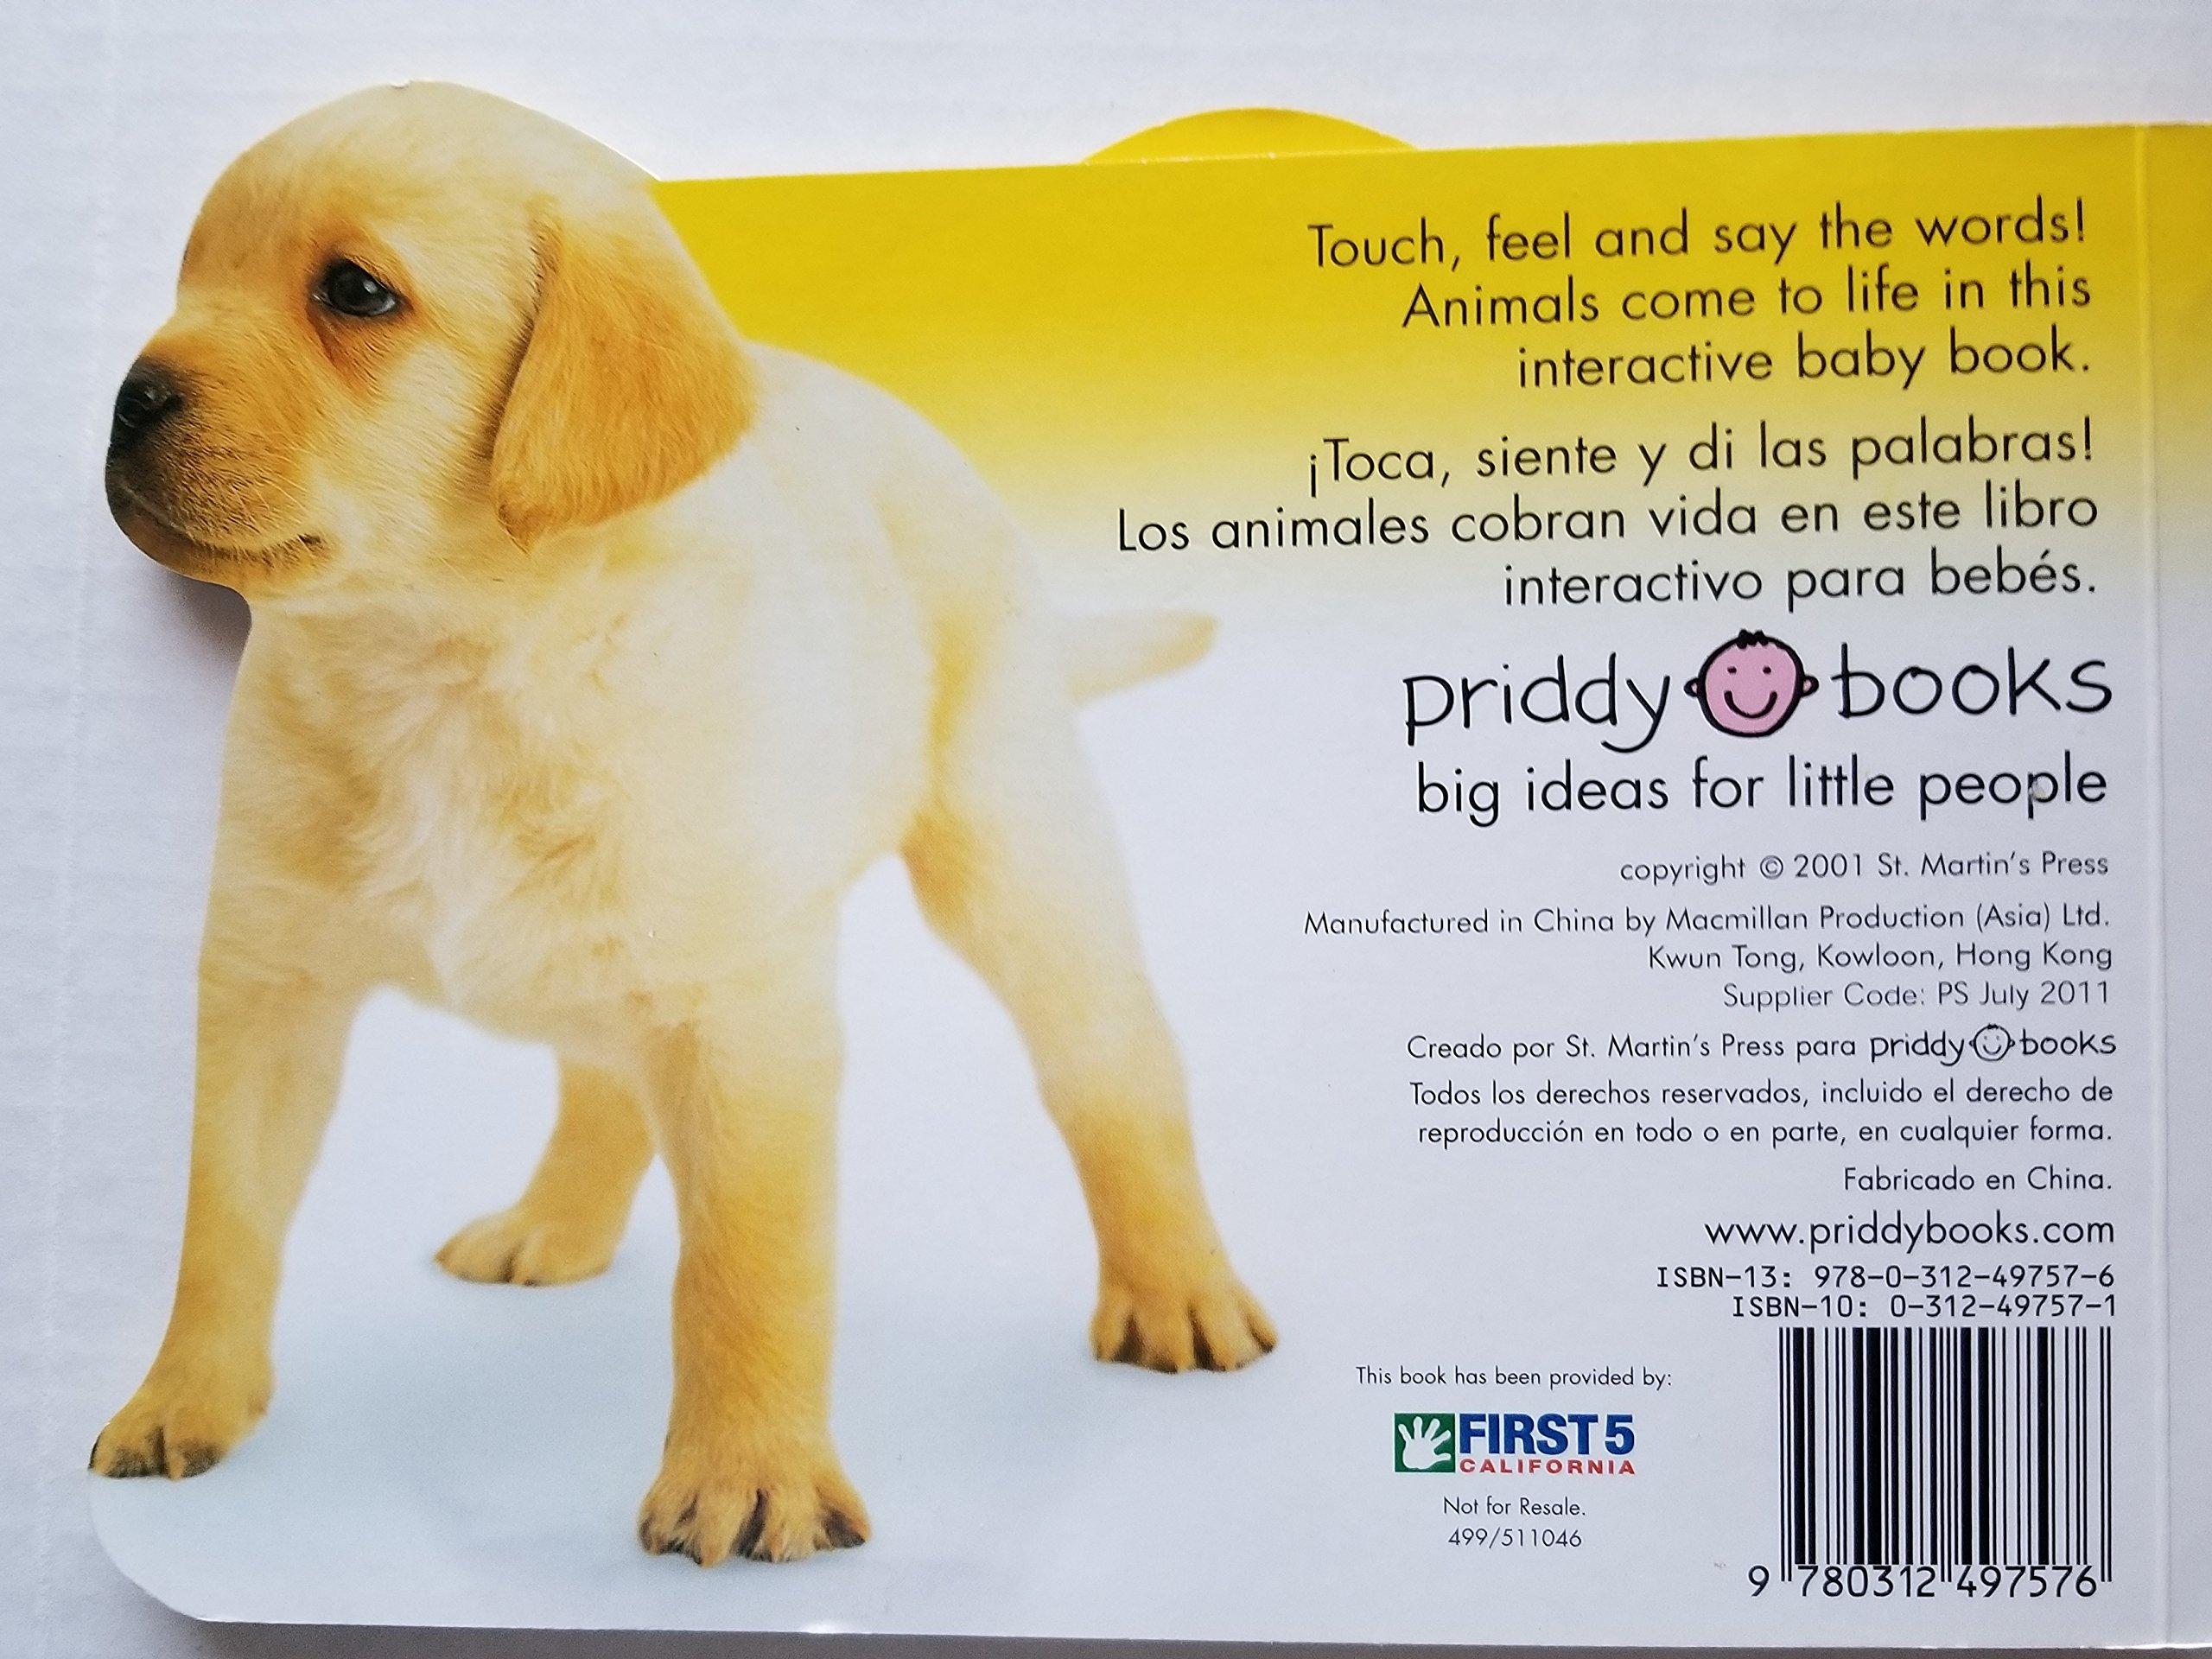 HAPPY BABY:PUPPY AND FRIENDS/PERRITO Y AMIGOS- [toca, siente y dice.] (Mex/Span/Bilin) -Import: CALIFORNIA FIRST 5 : Amazon.com: Books